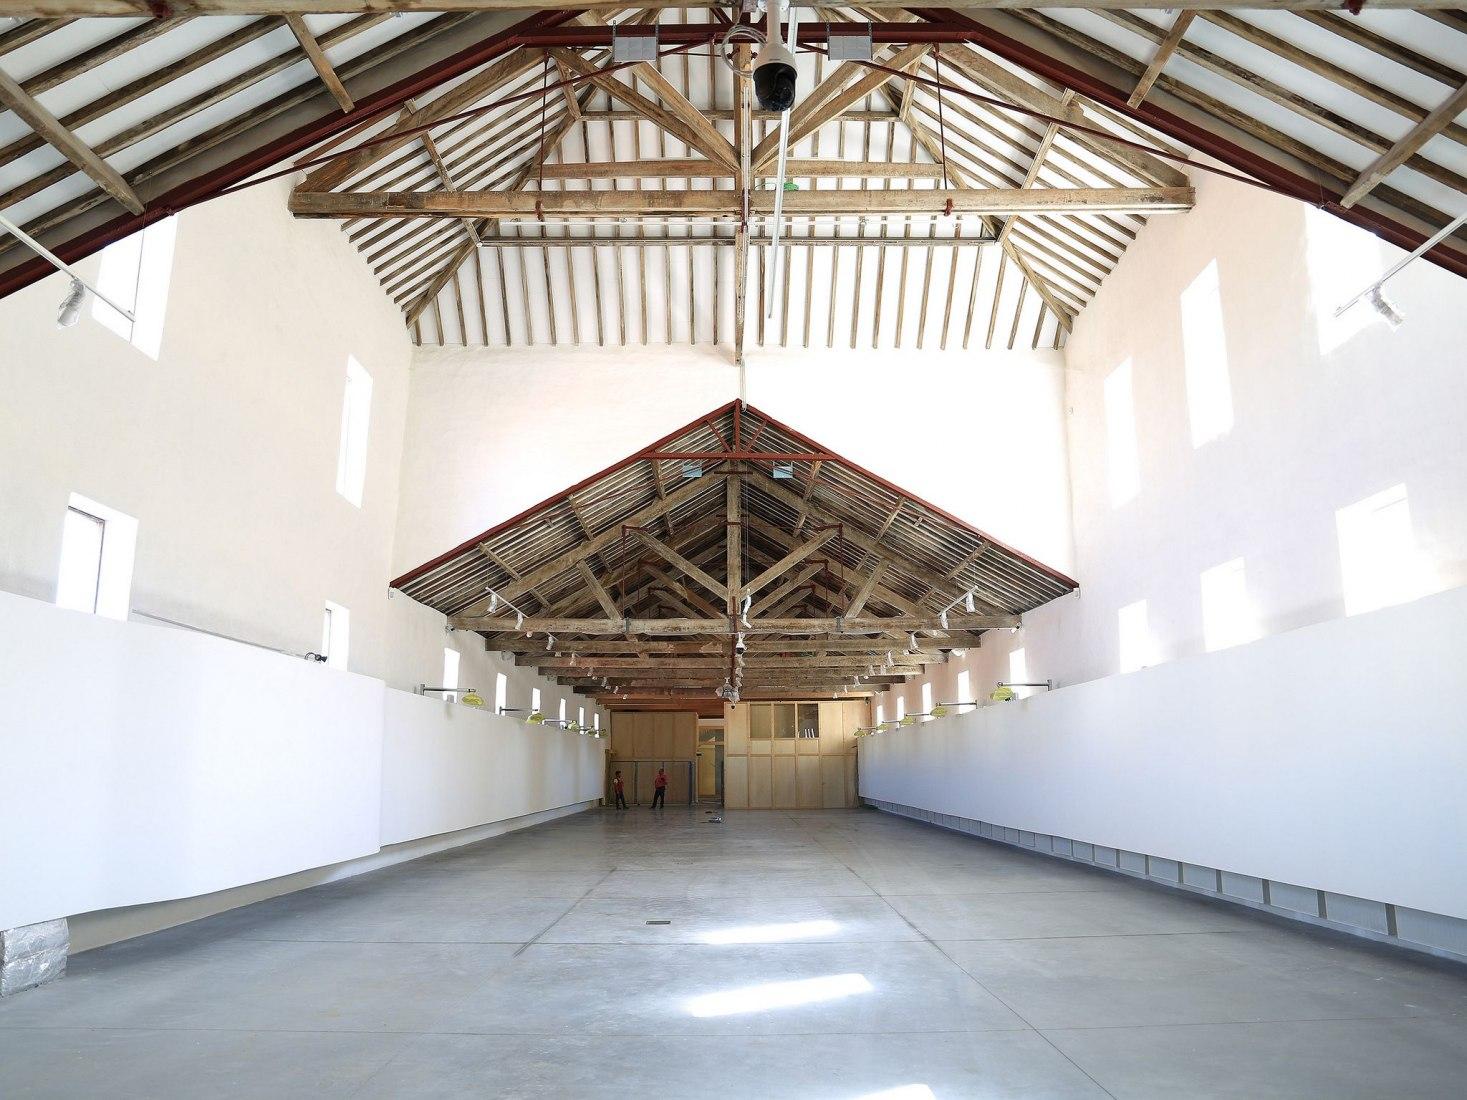 Nuevas instalaciones de Real Vinícola por Guilherme Machado Vaz. Imagen cortesía de © Casa da Arquitectura